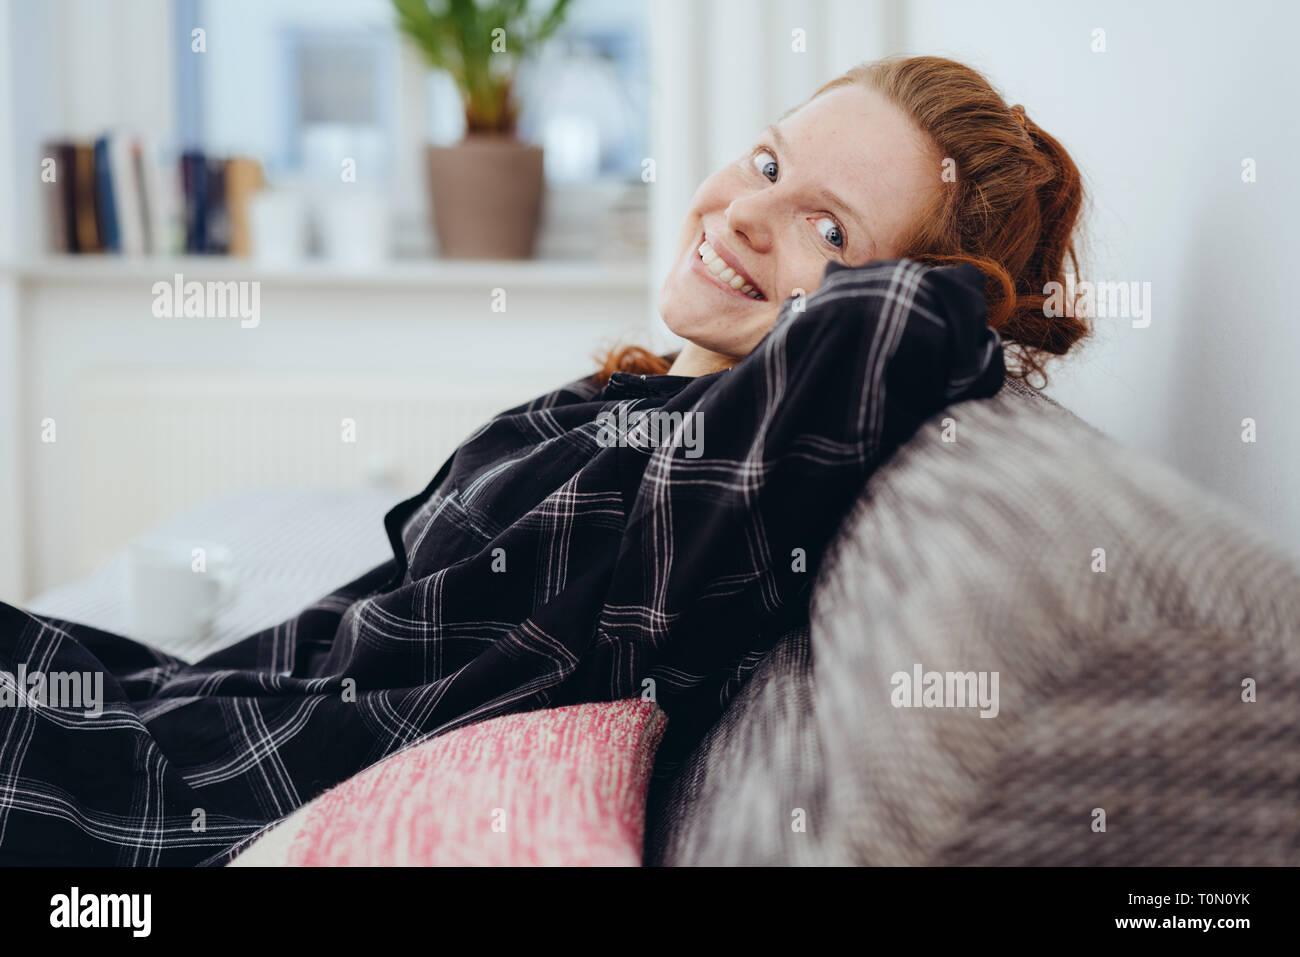 Felice gentile giovane donna redhead relax su un divano svolta a guardare la fotocamera con un bel sorriso caldo Foto Stock